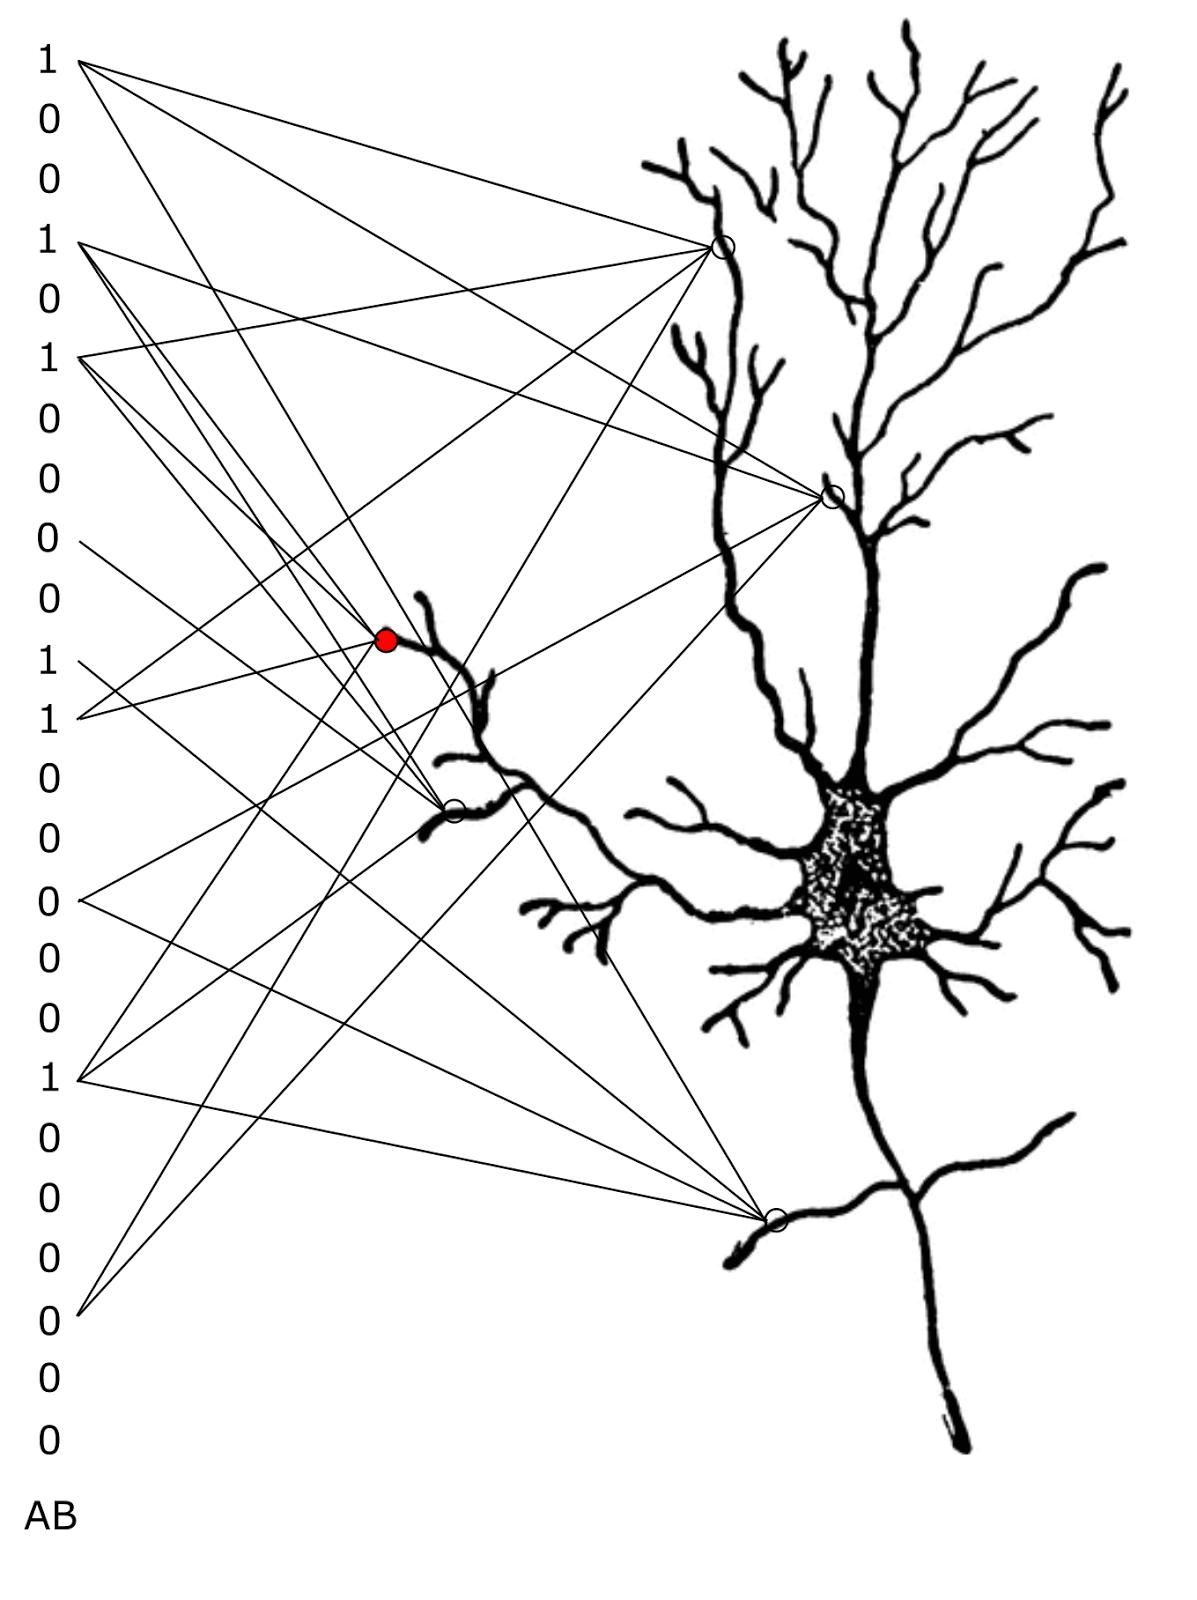 Логика сознания. Часть 9. Искусственные нейронные сети и миниколонки реальной коры - 21